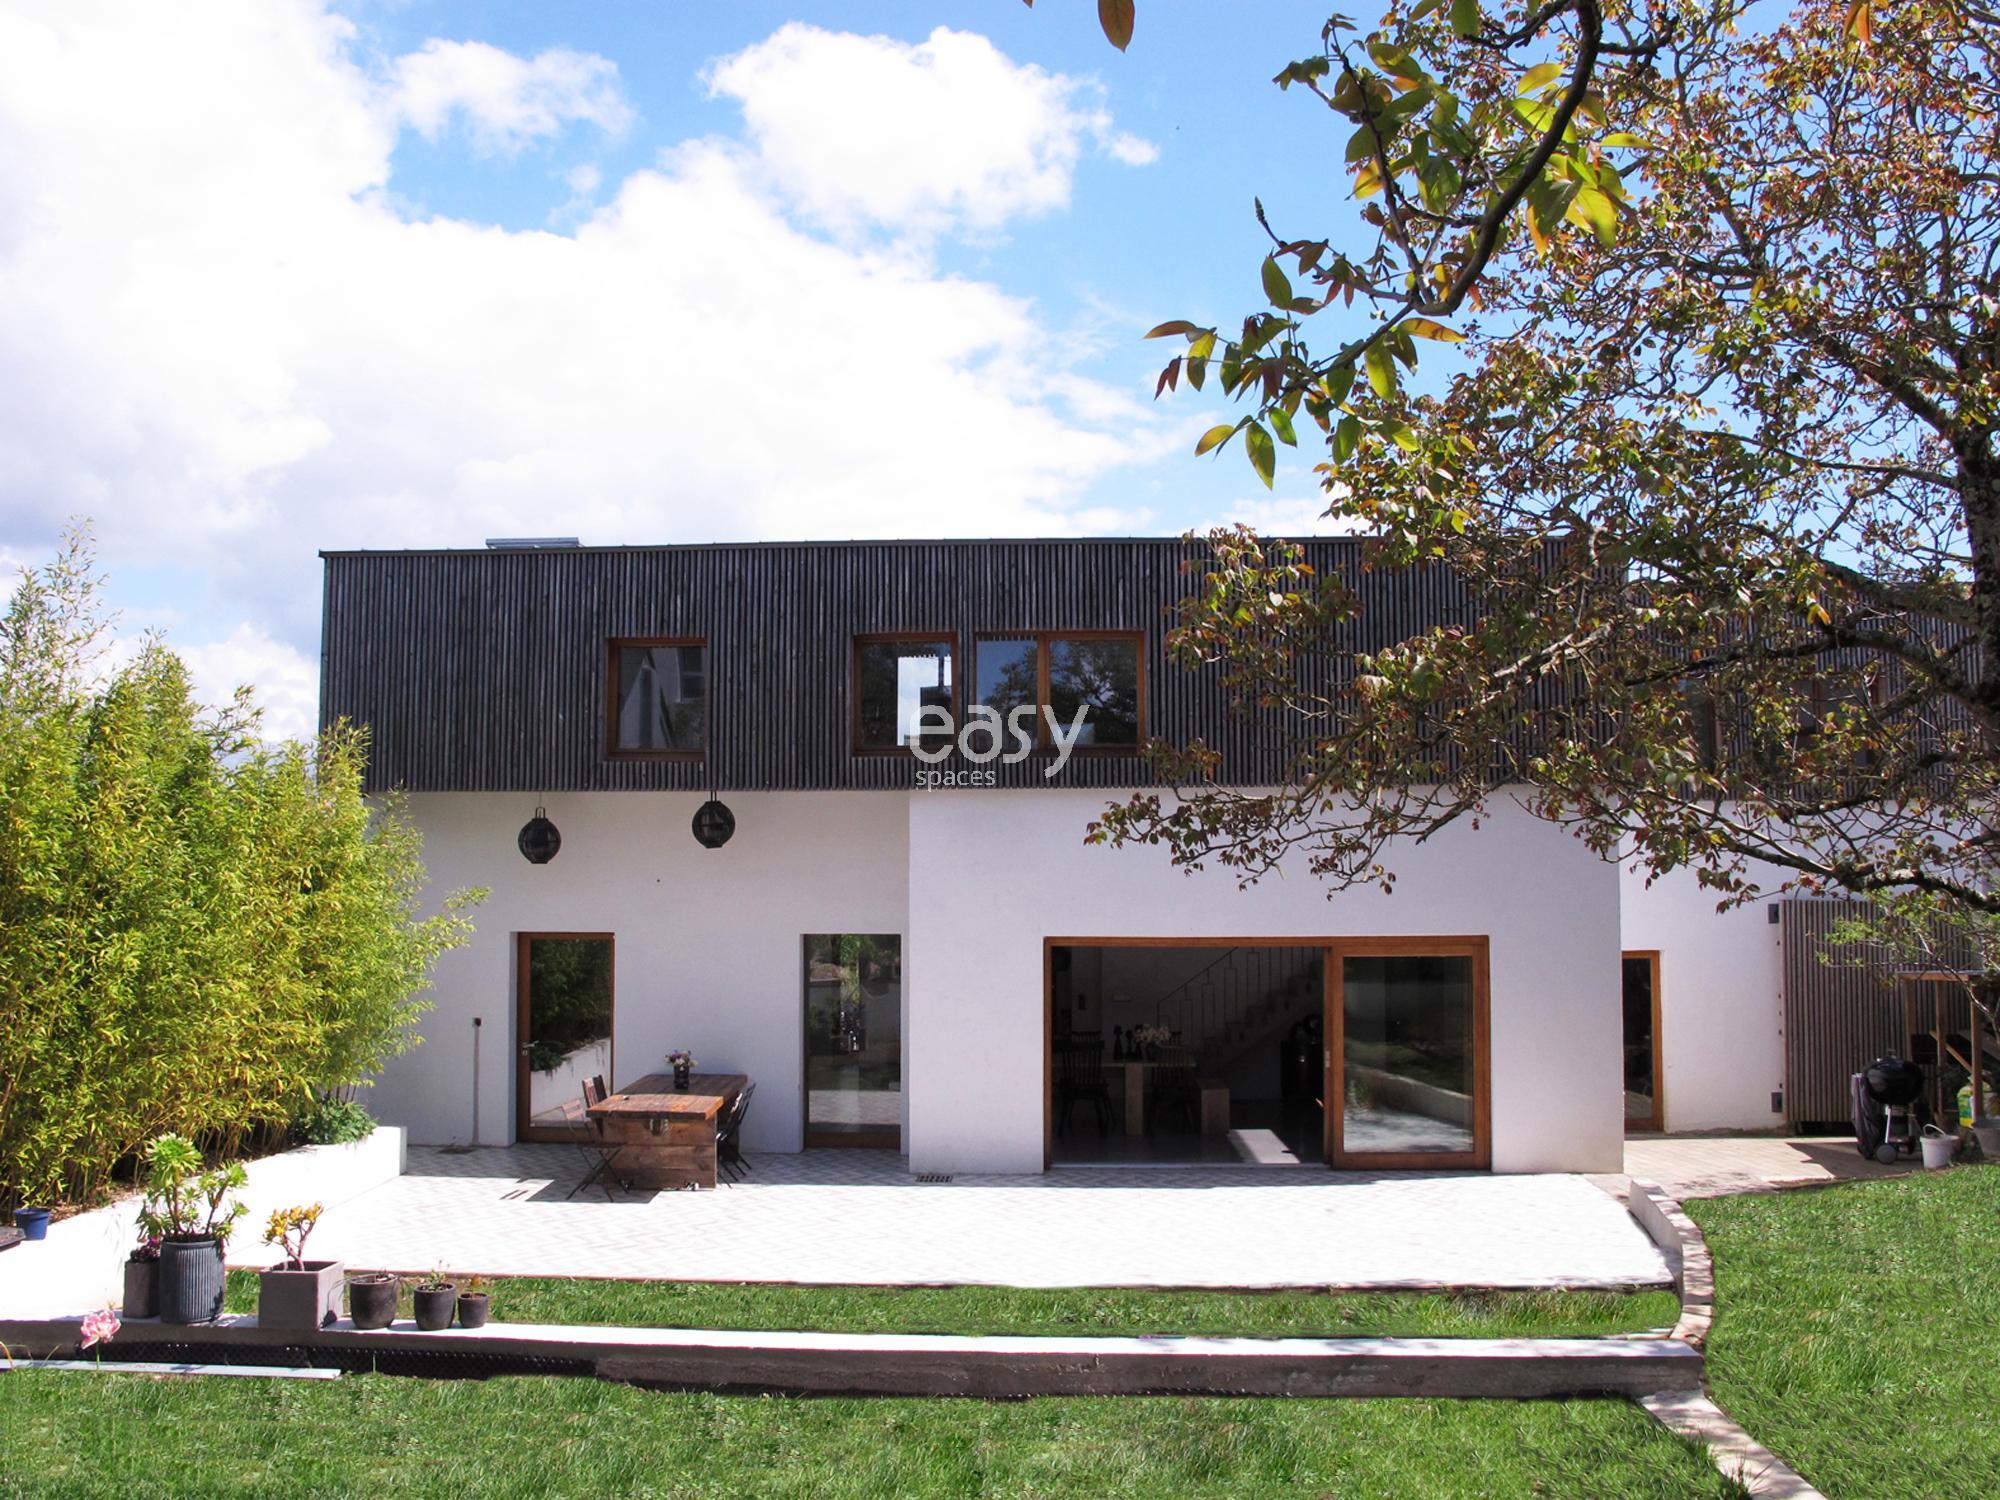 Maison pour tournage latest maison pour tournage with maison pour tournage demande de devis - Louer sa maison pour un tournage ...